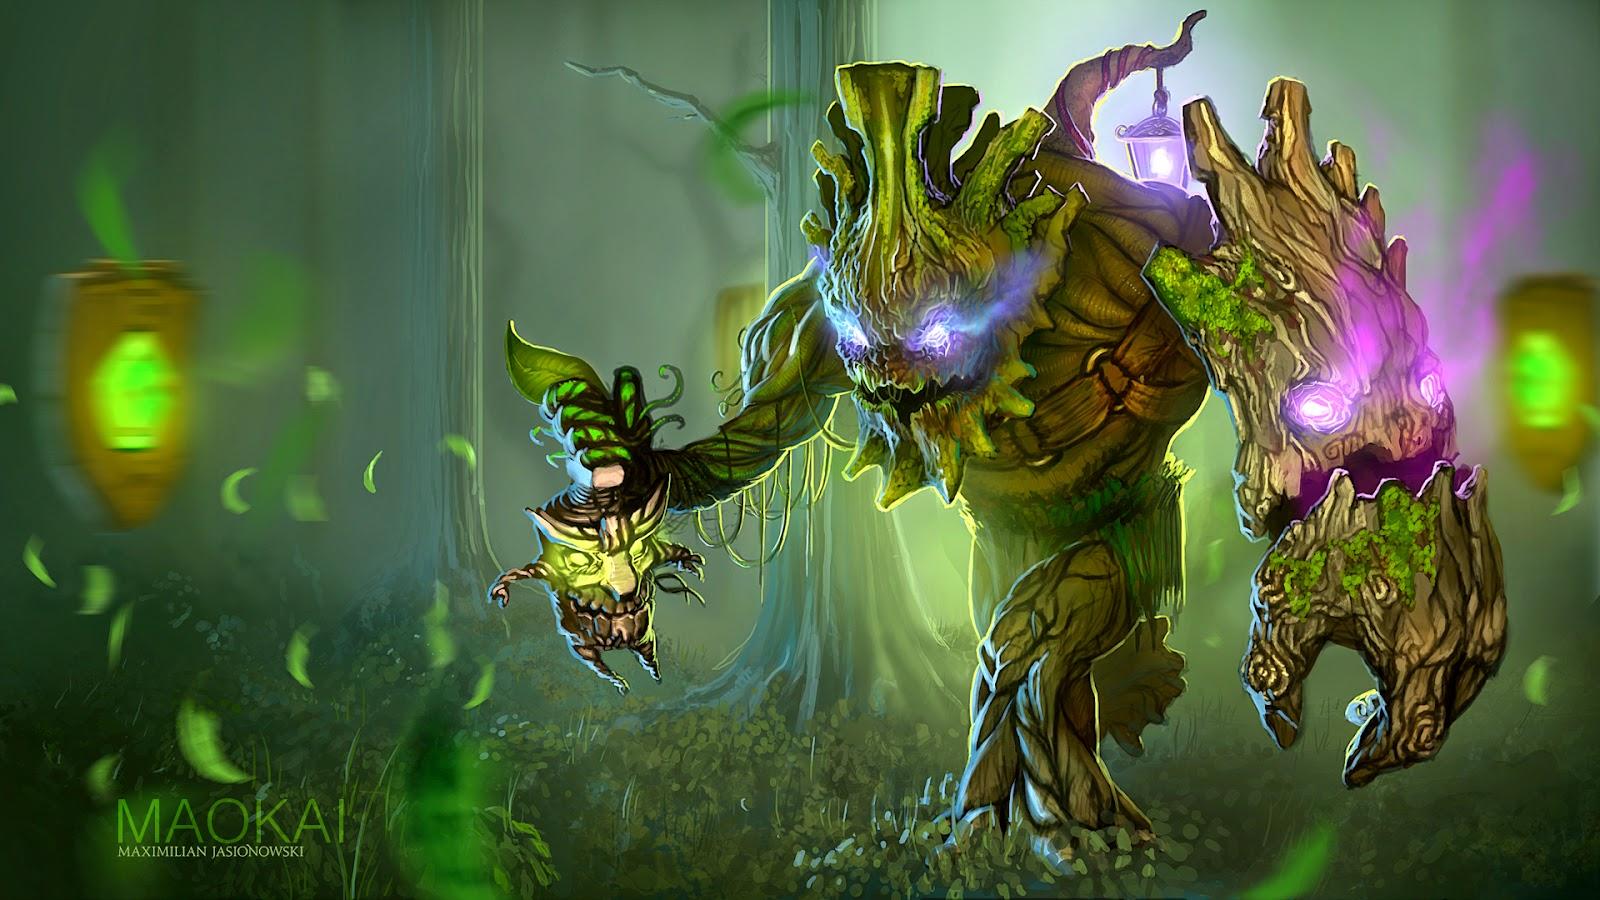 League of Legends Wallpaper Skin Green